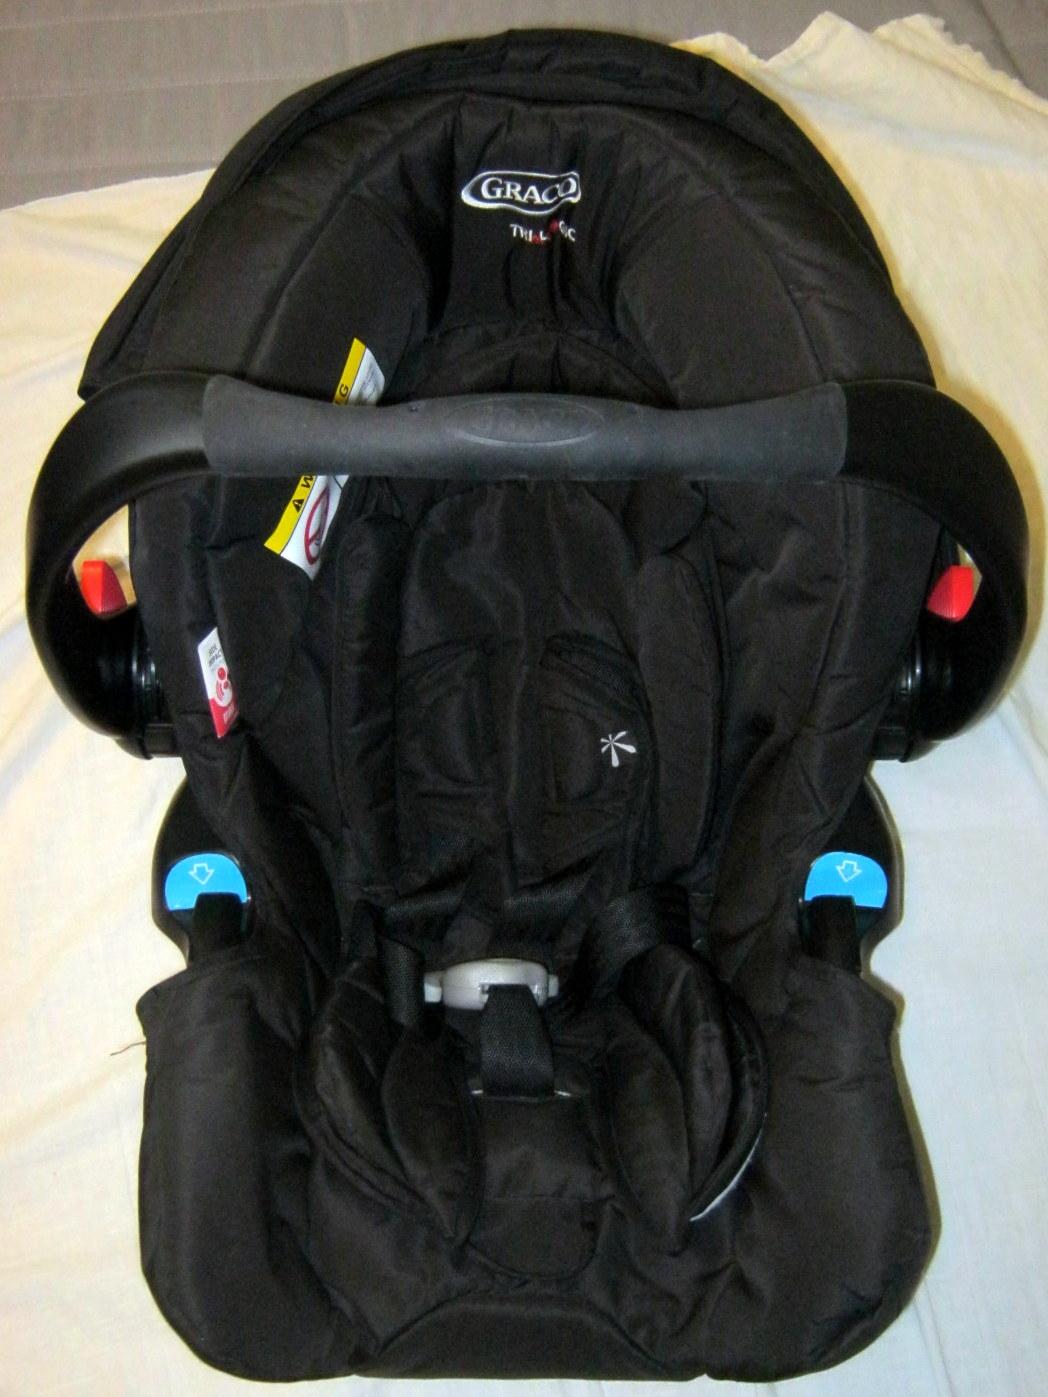 Graco car seat - top